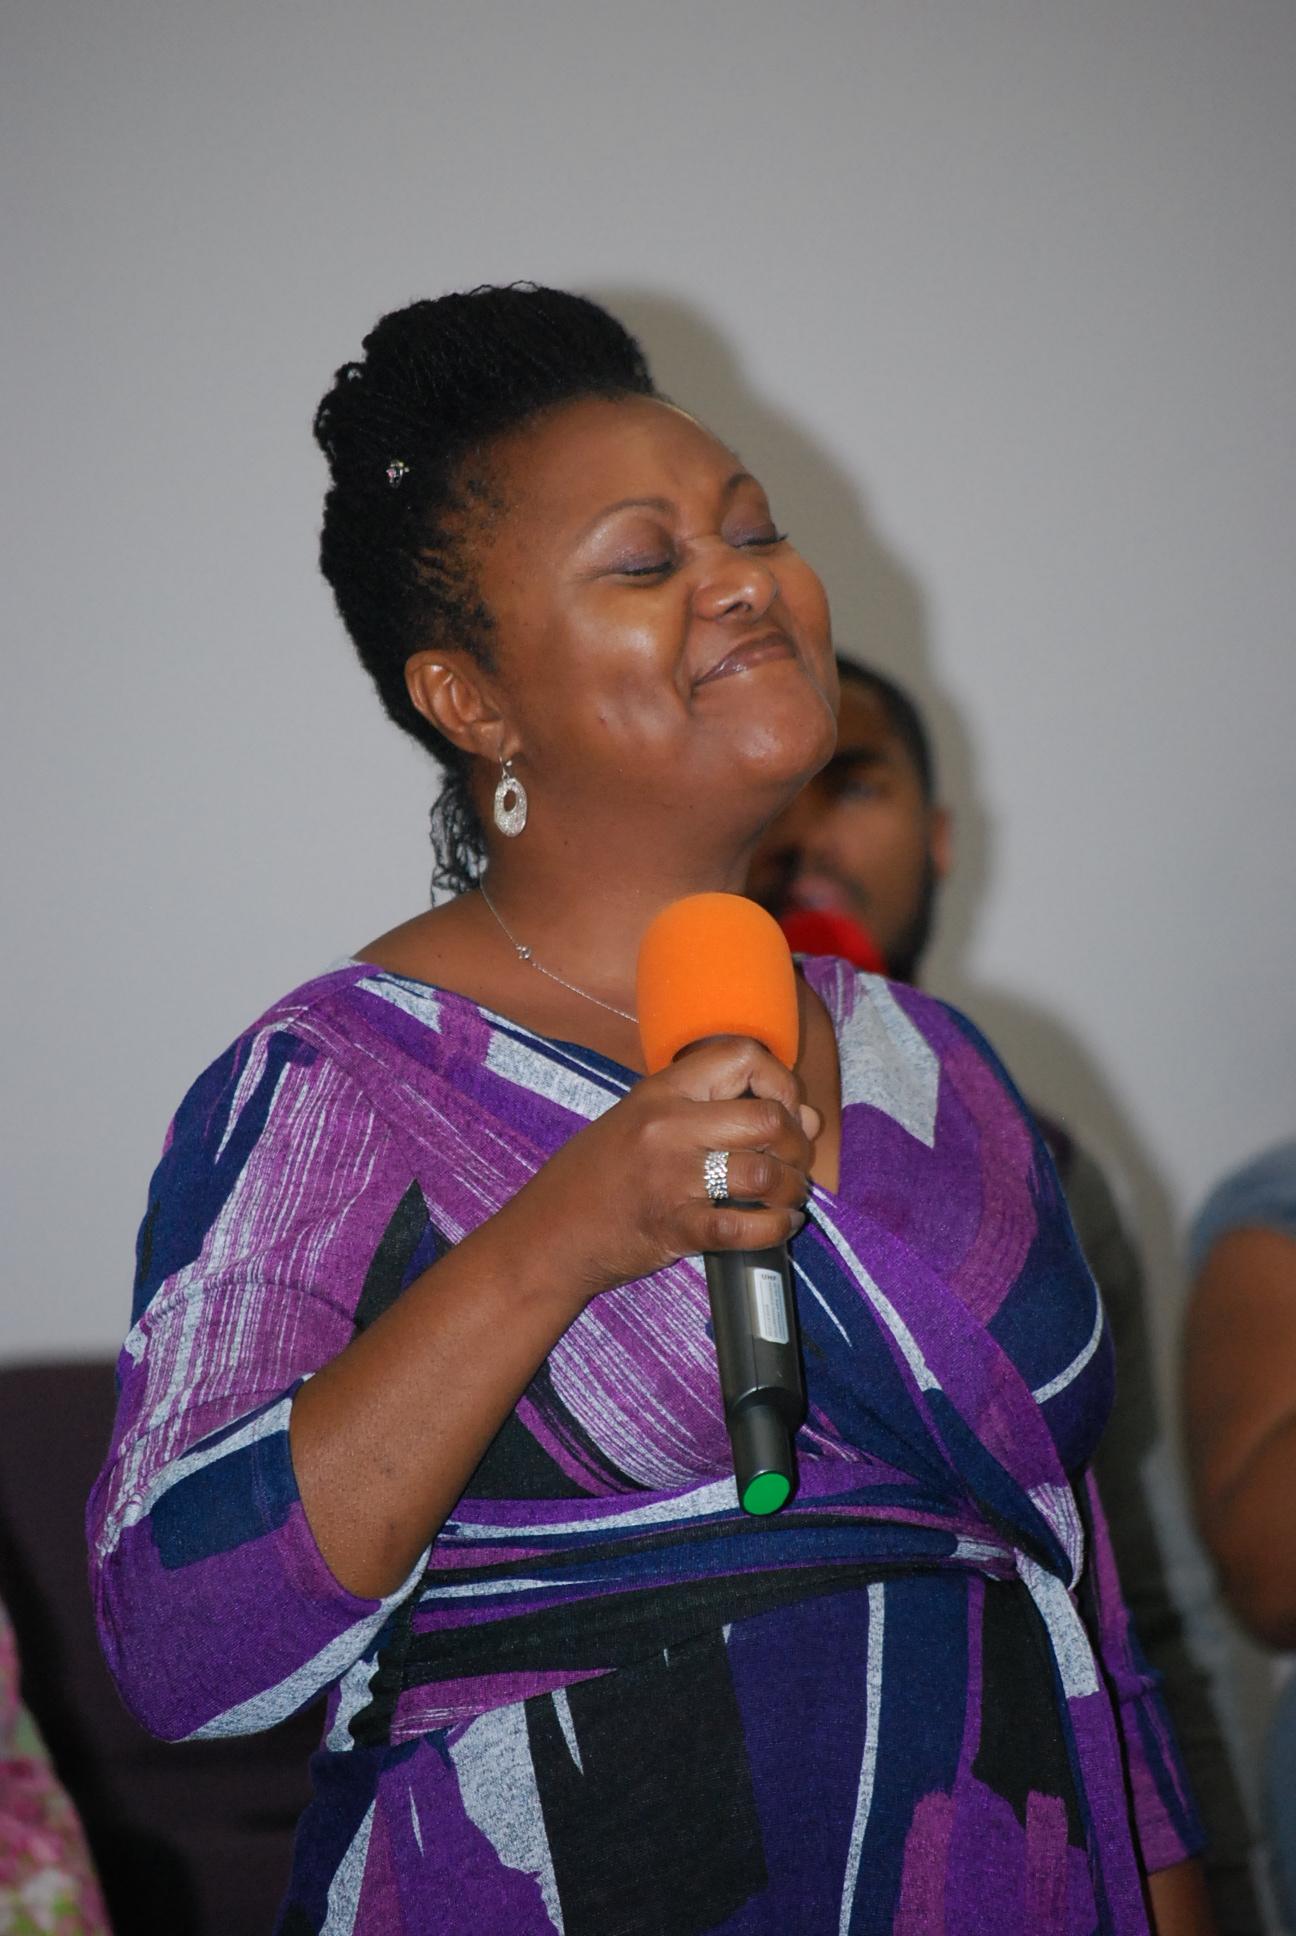 Minister Norwood Singing